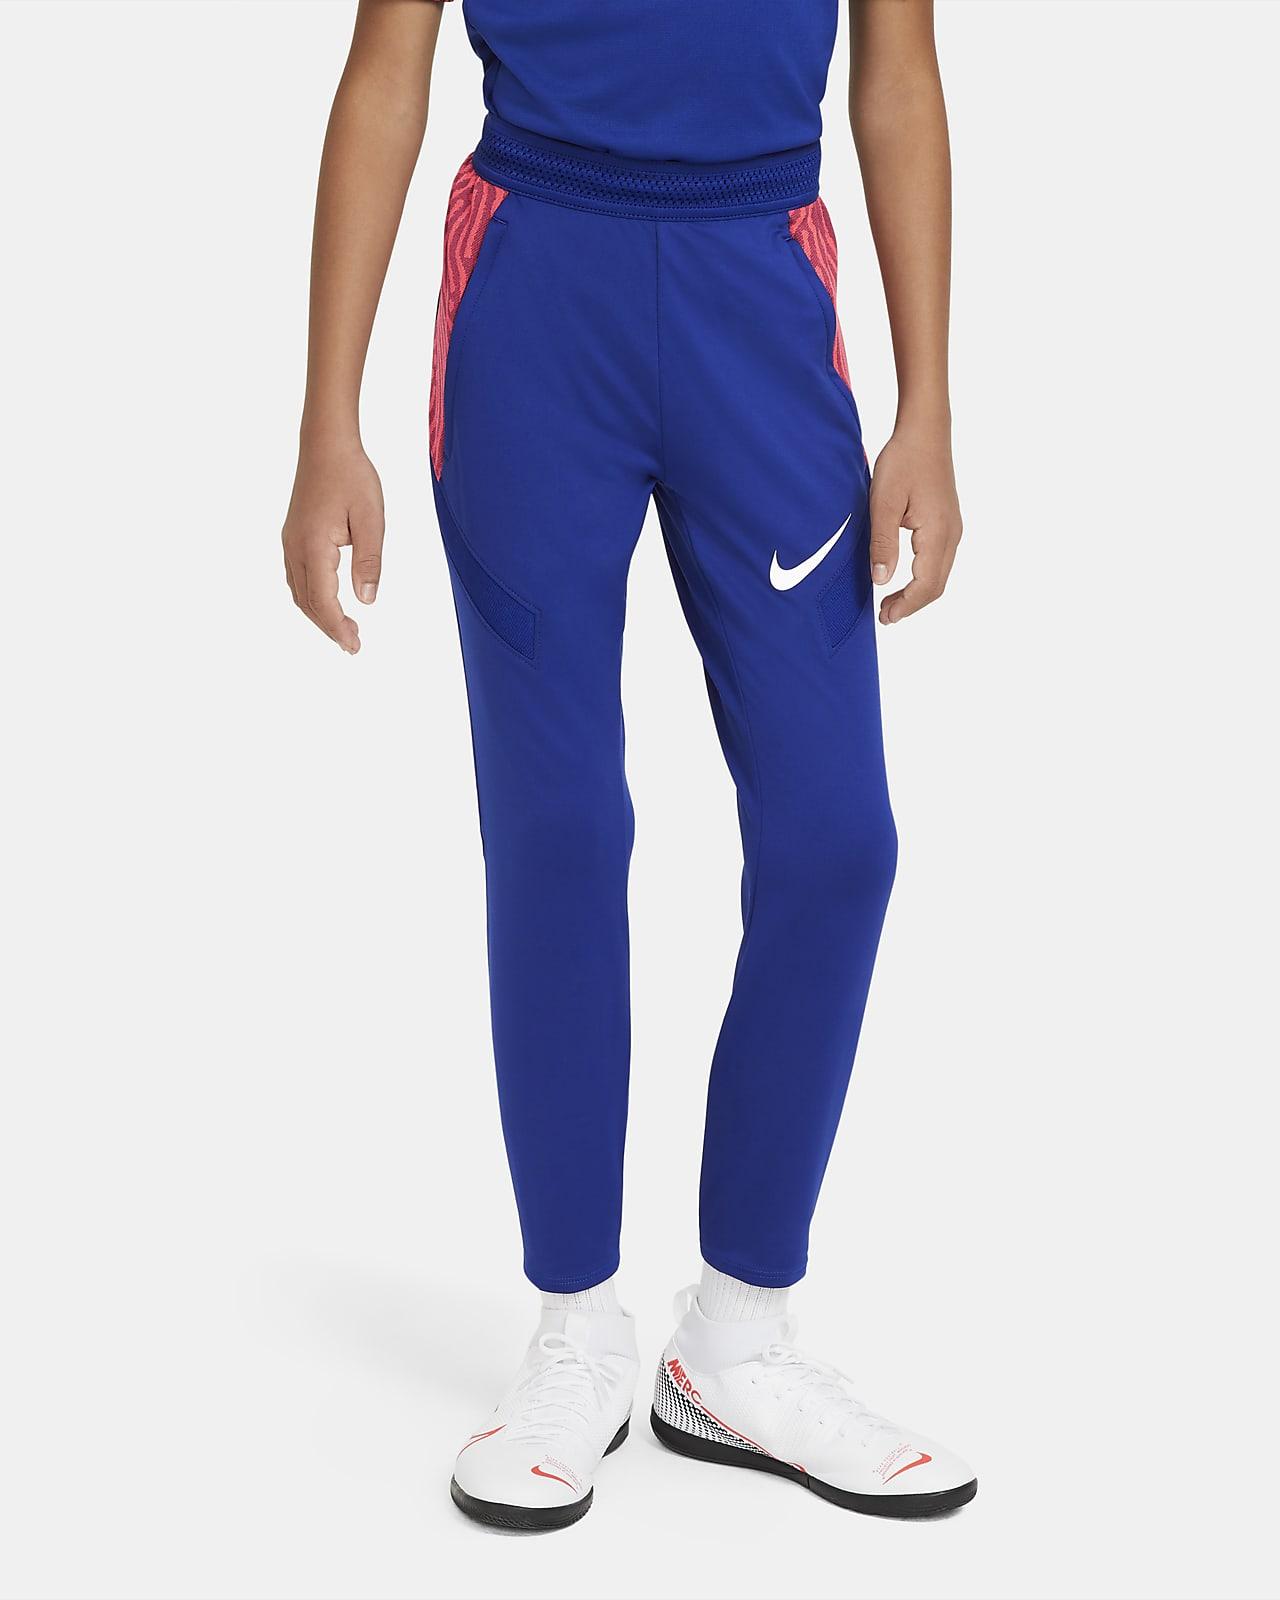 Spodnie piłkarskie dla dużych dzieci Nike Dri-FIT Strike